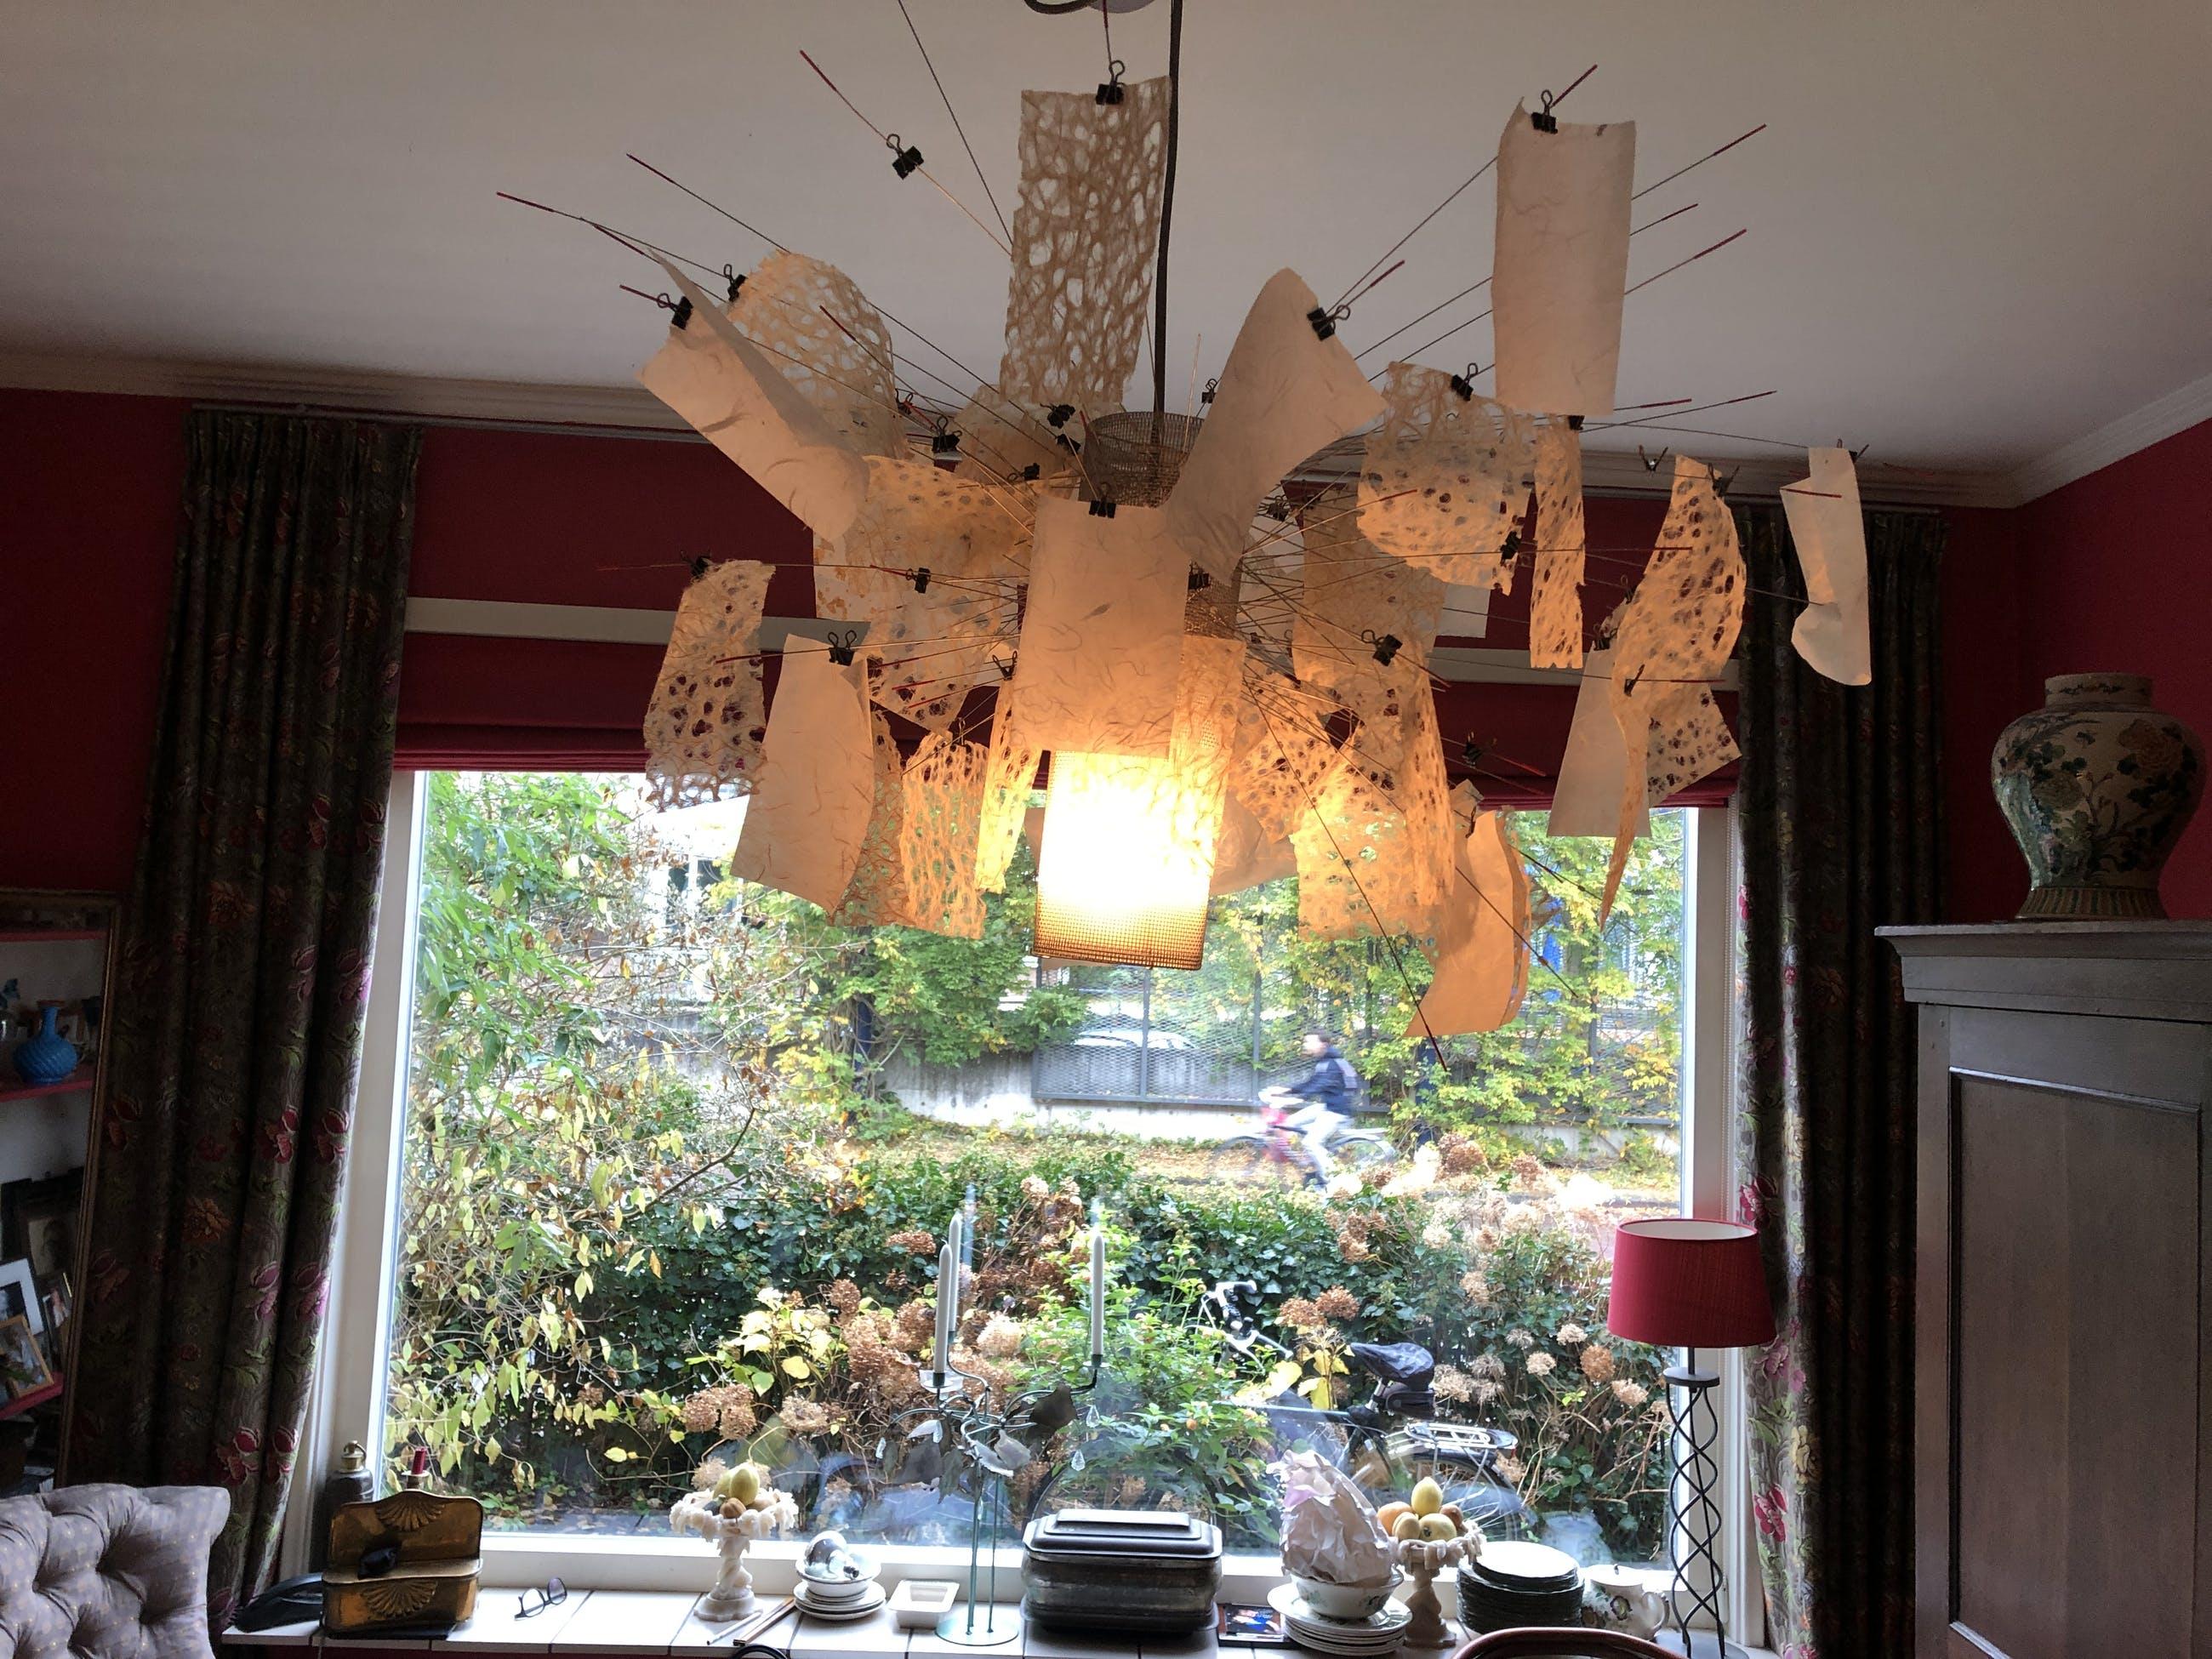 Ingo Maurer - Zettel'z 6 hanglamp kopen? Bied vanaf 120!